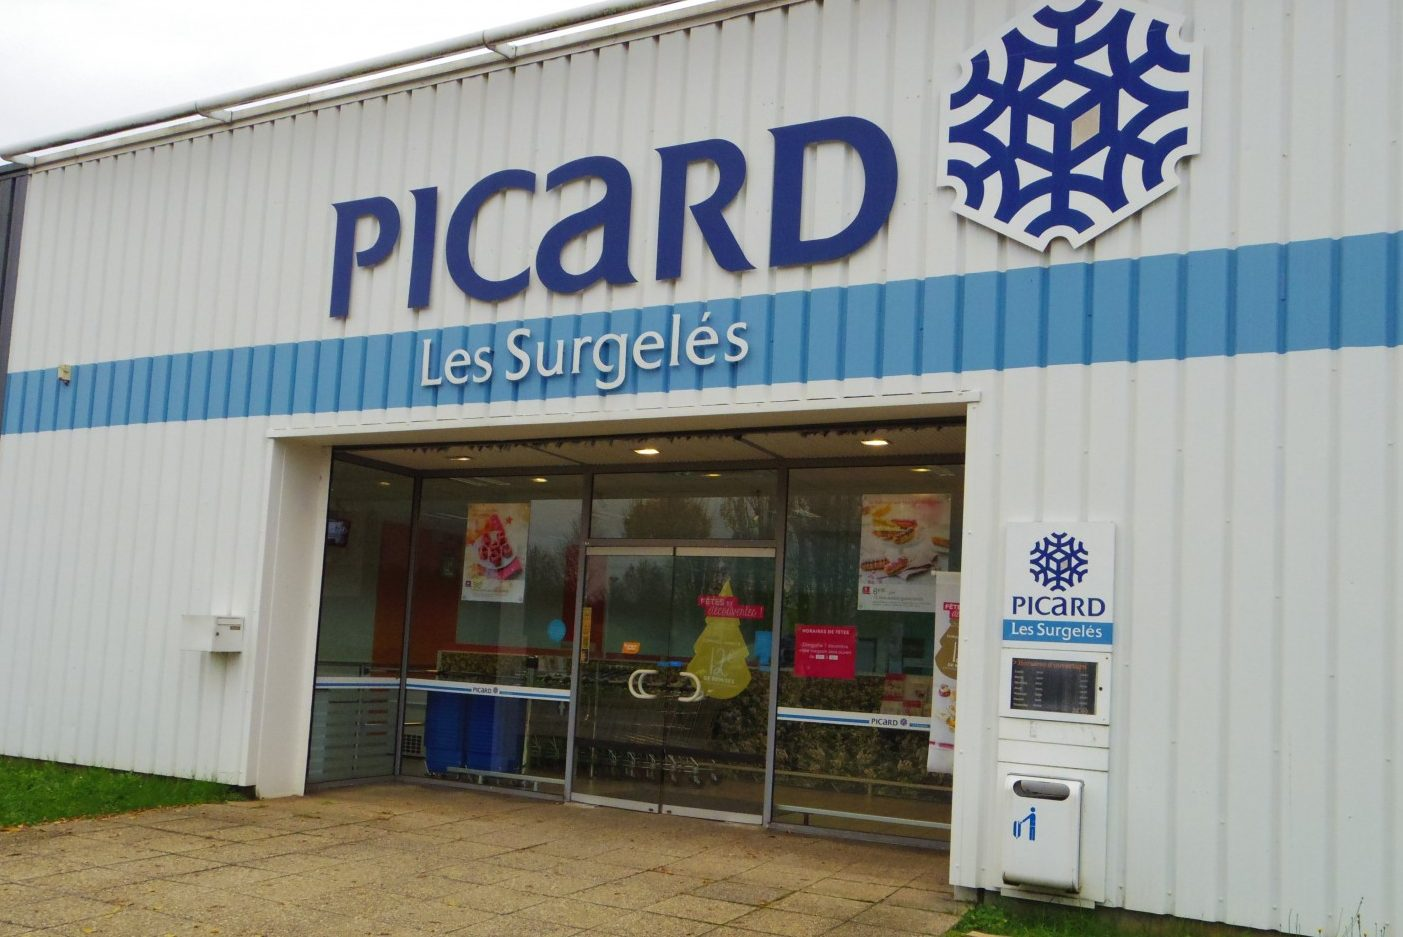 冷凍食品専門店「ピカール」、いよいよ本格展開へ